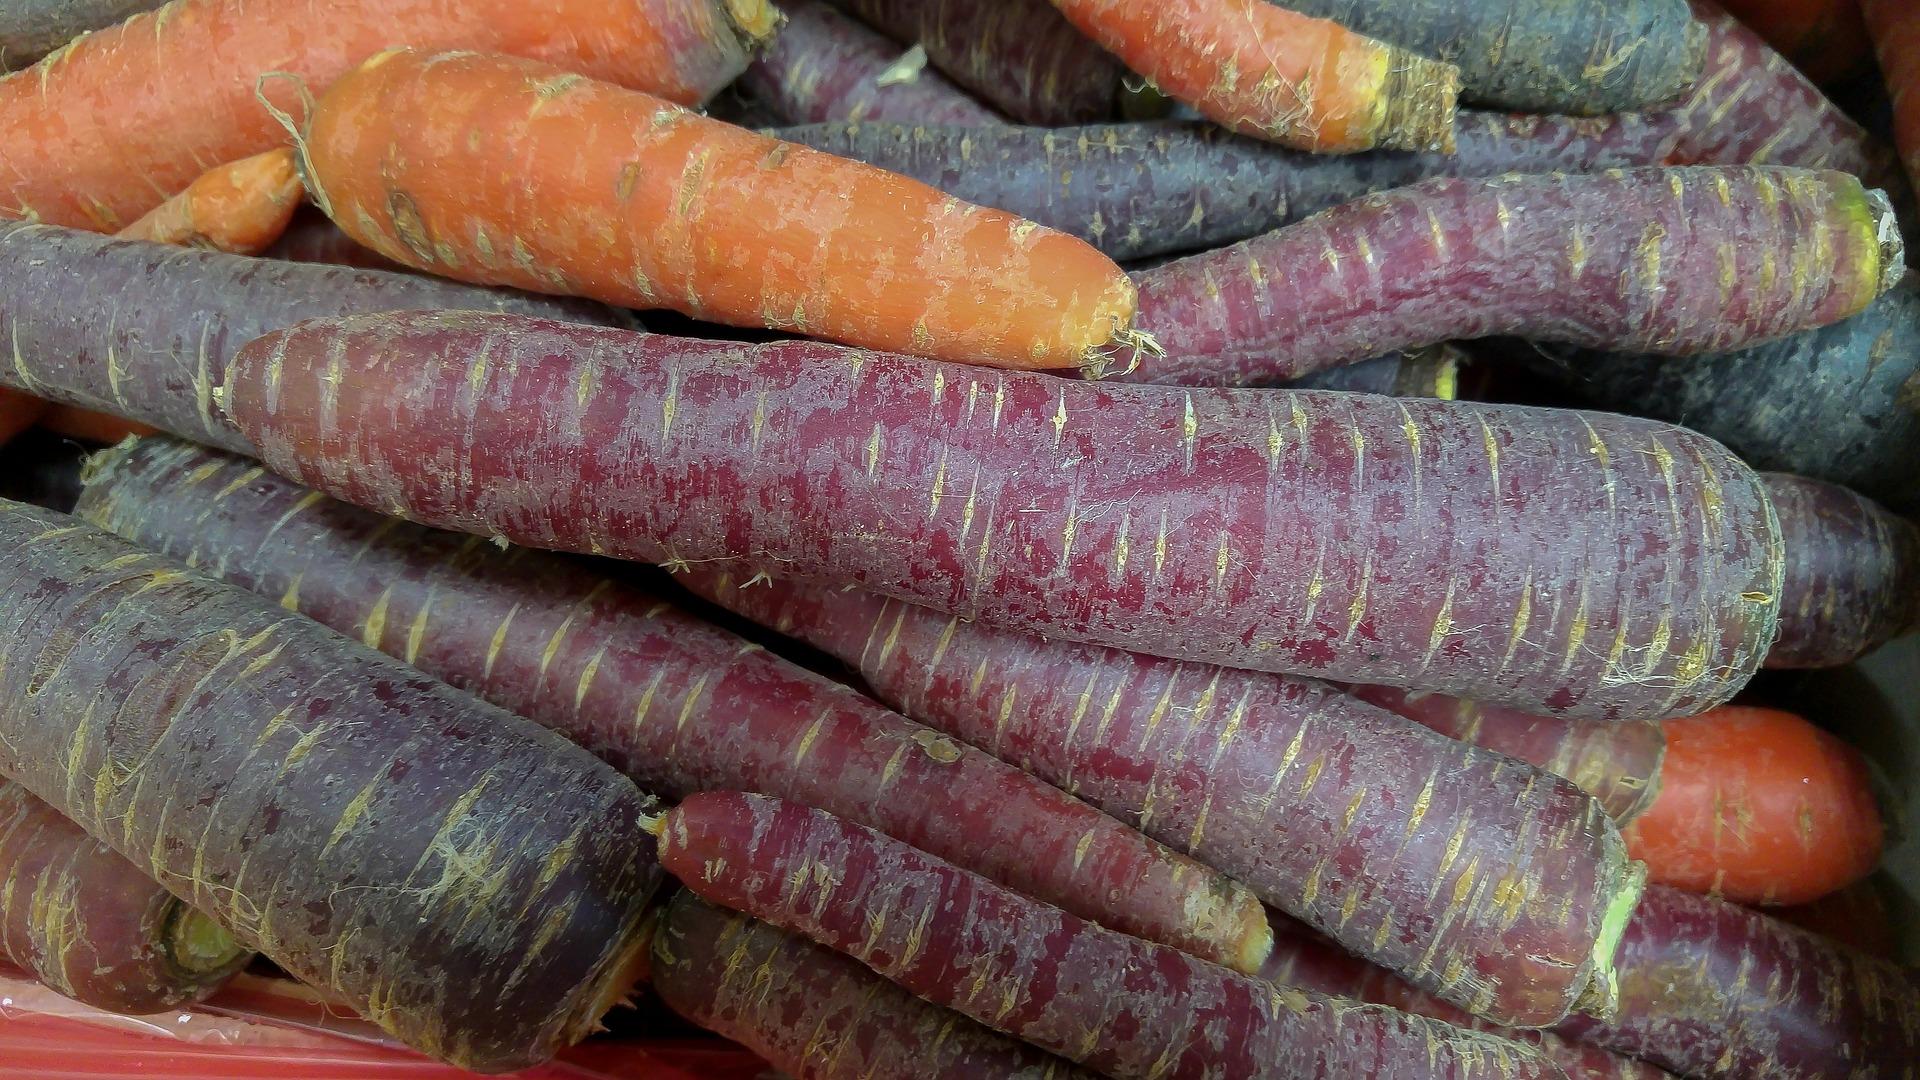 carrots-2289463_1920